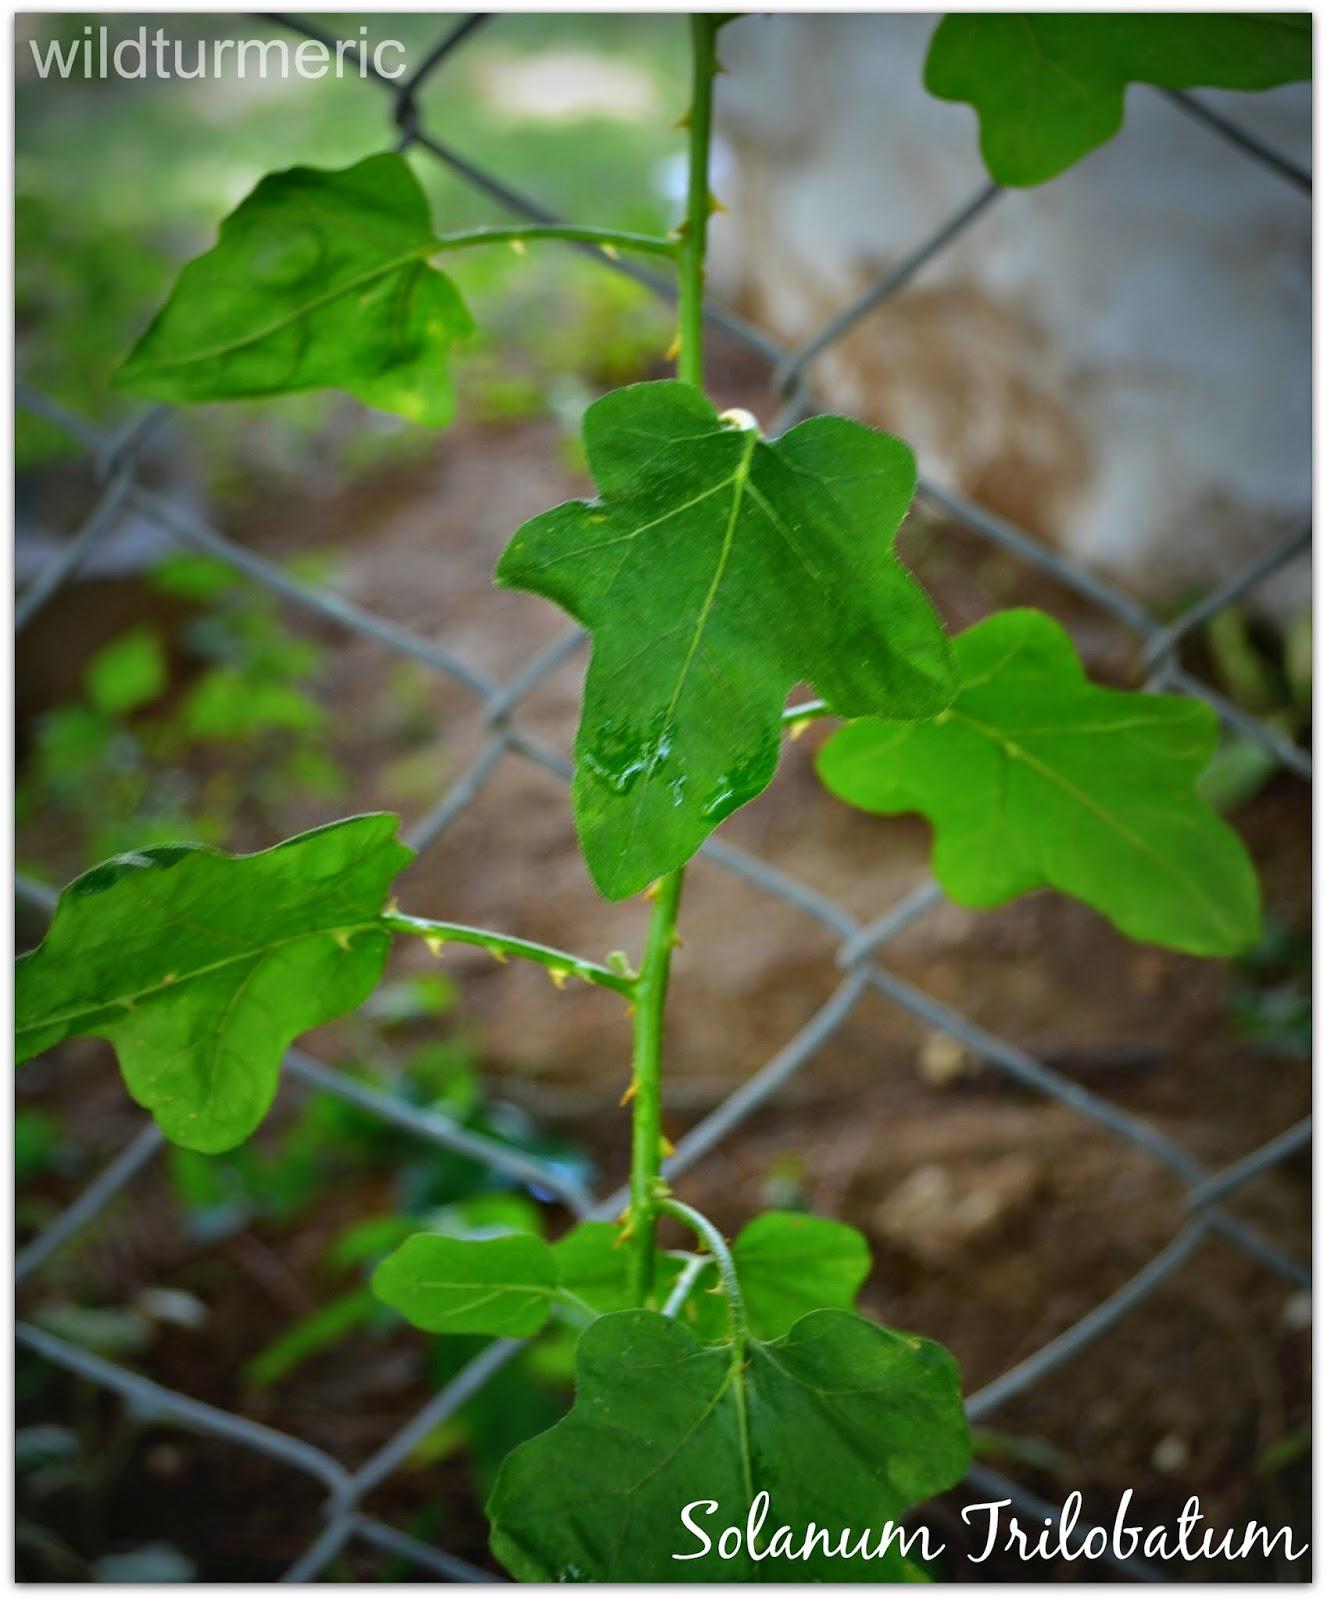 Thoothuvalai Solanum Trilobatum Medicinal Use Cure For